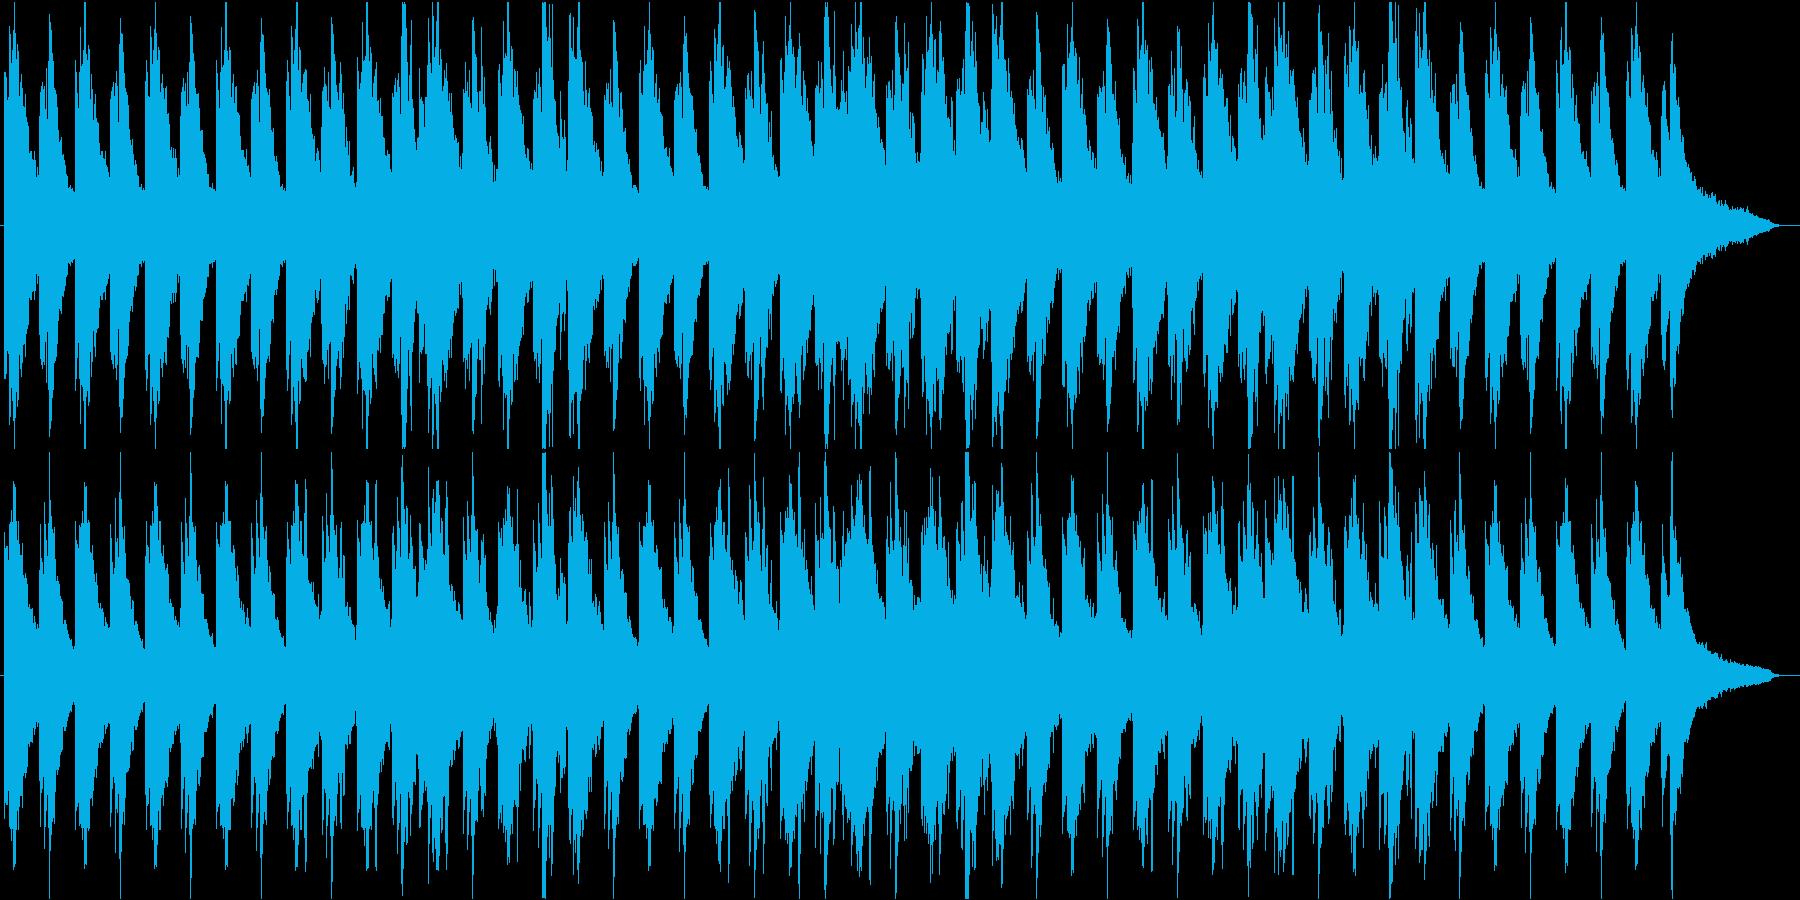 ピアノがメインの落ち着いたBGMの再生済みの波形